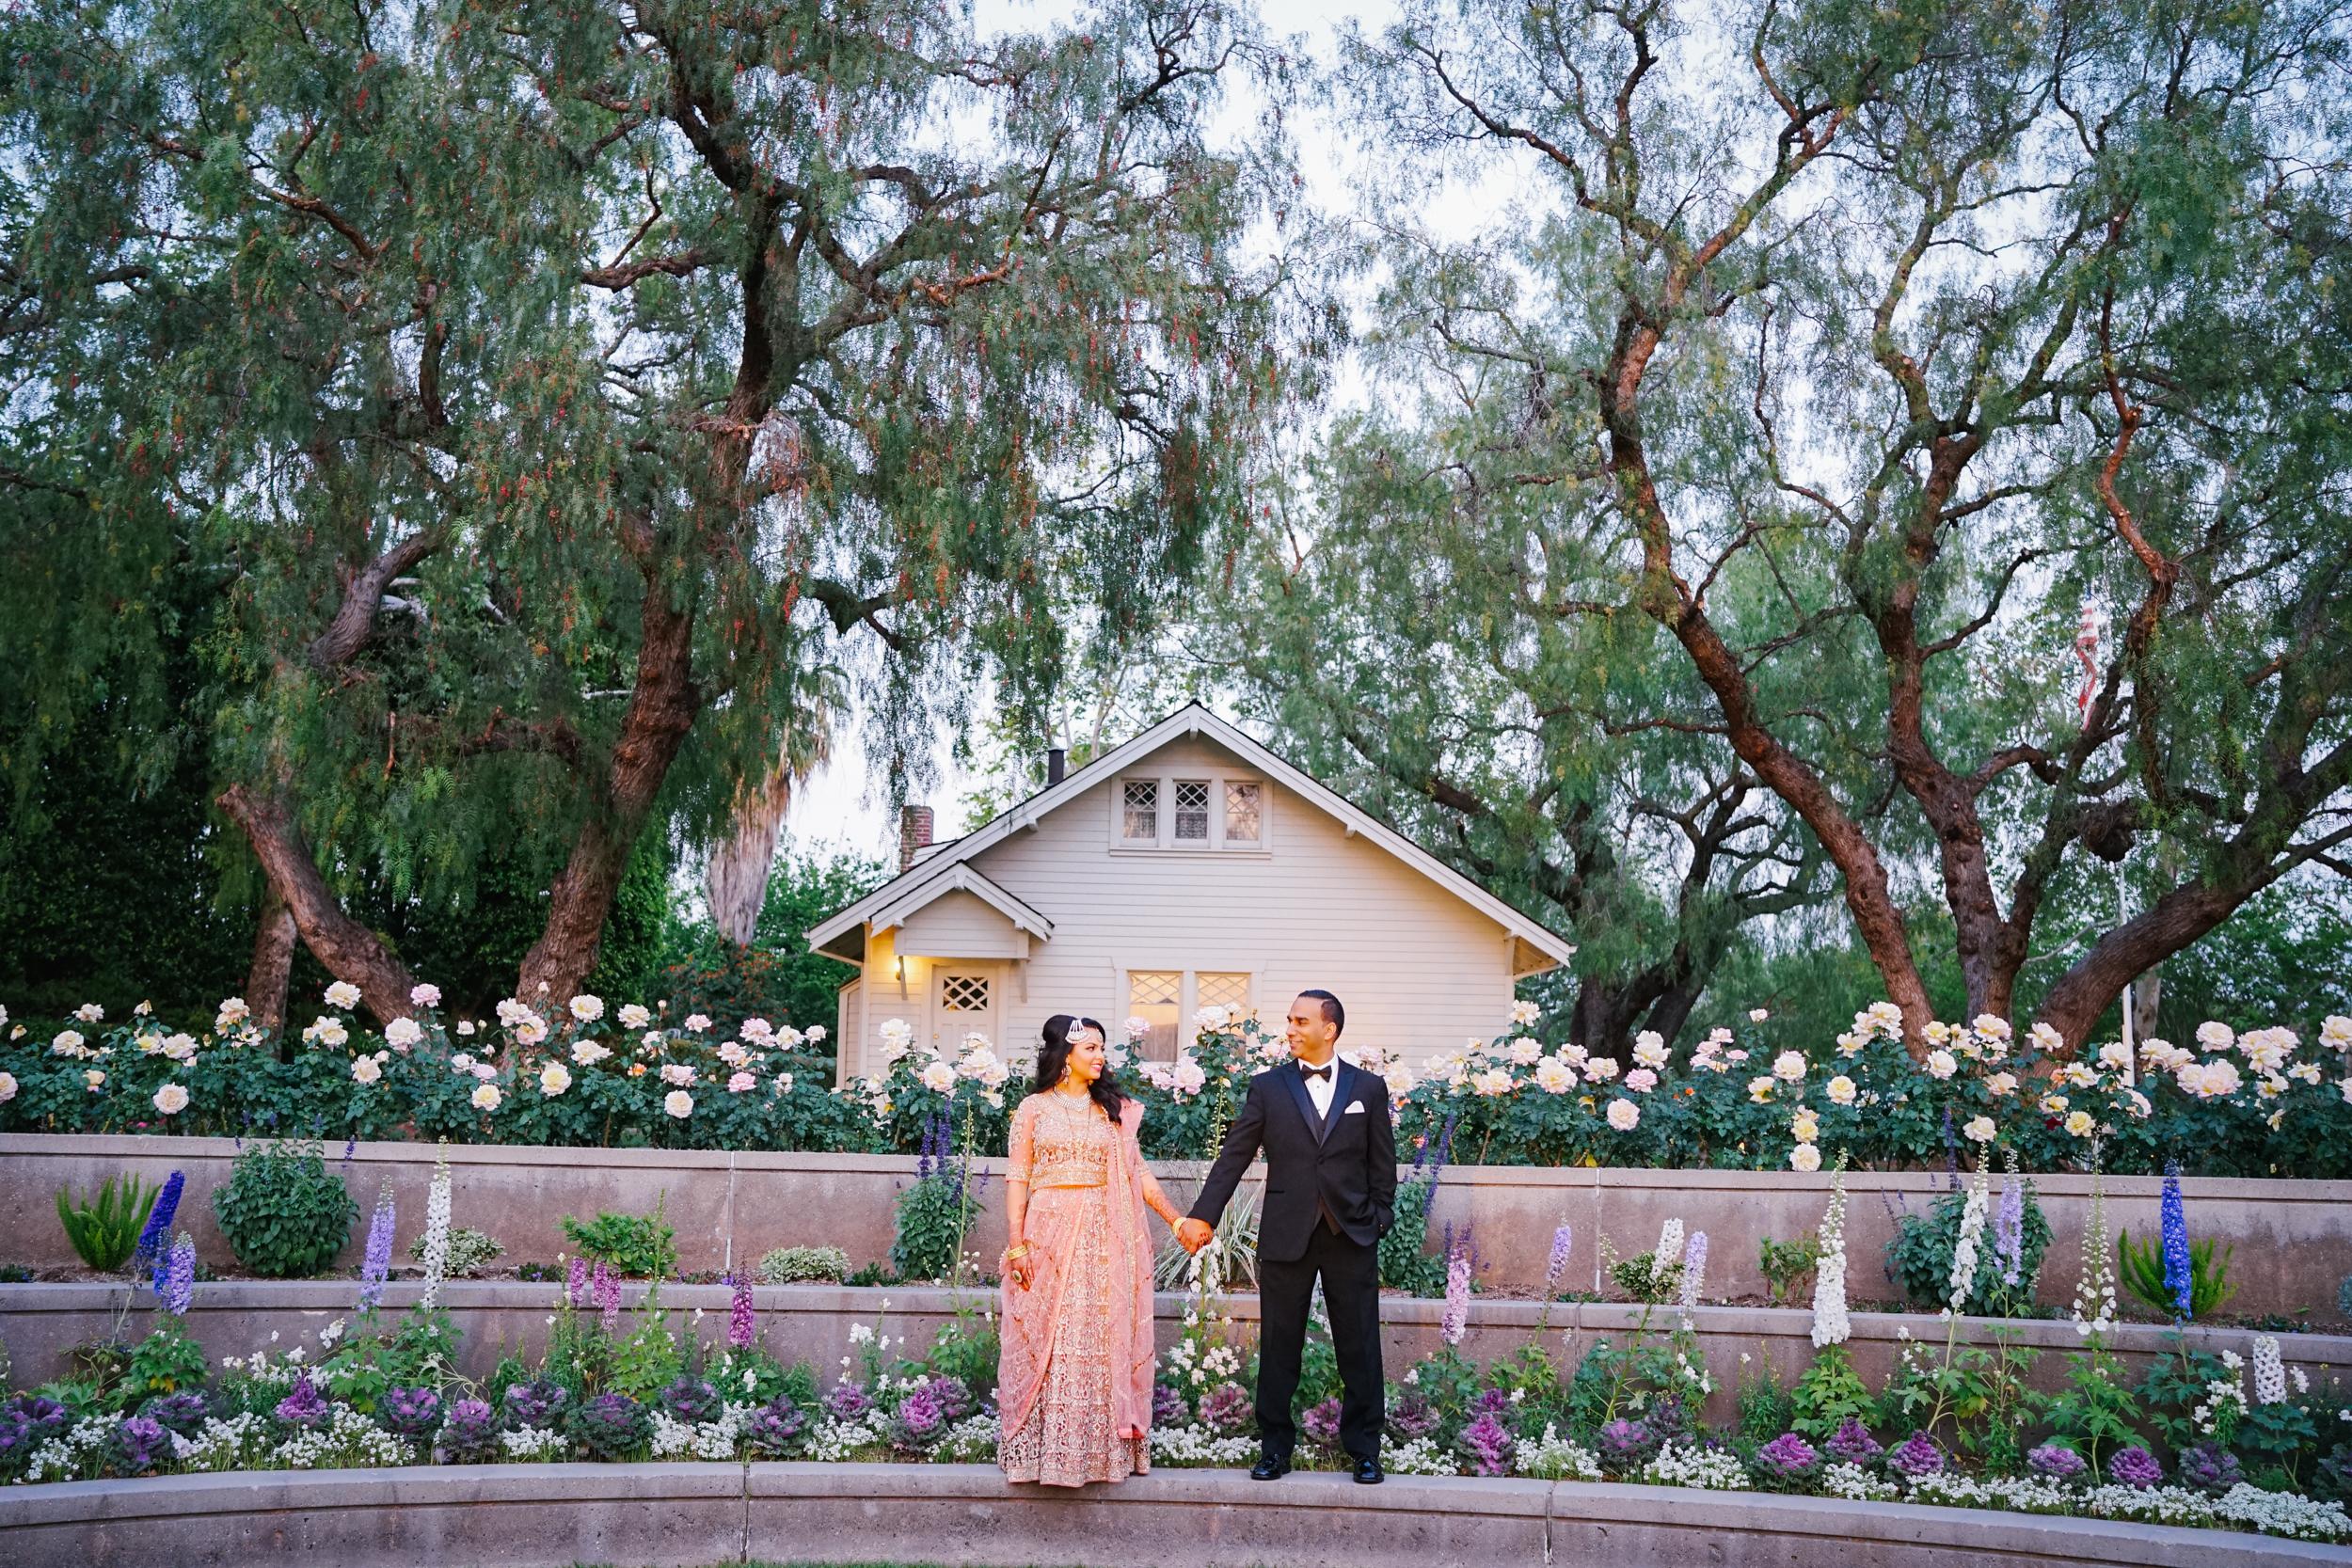 JKP_Indian_Weddings_0010.JPG